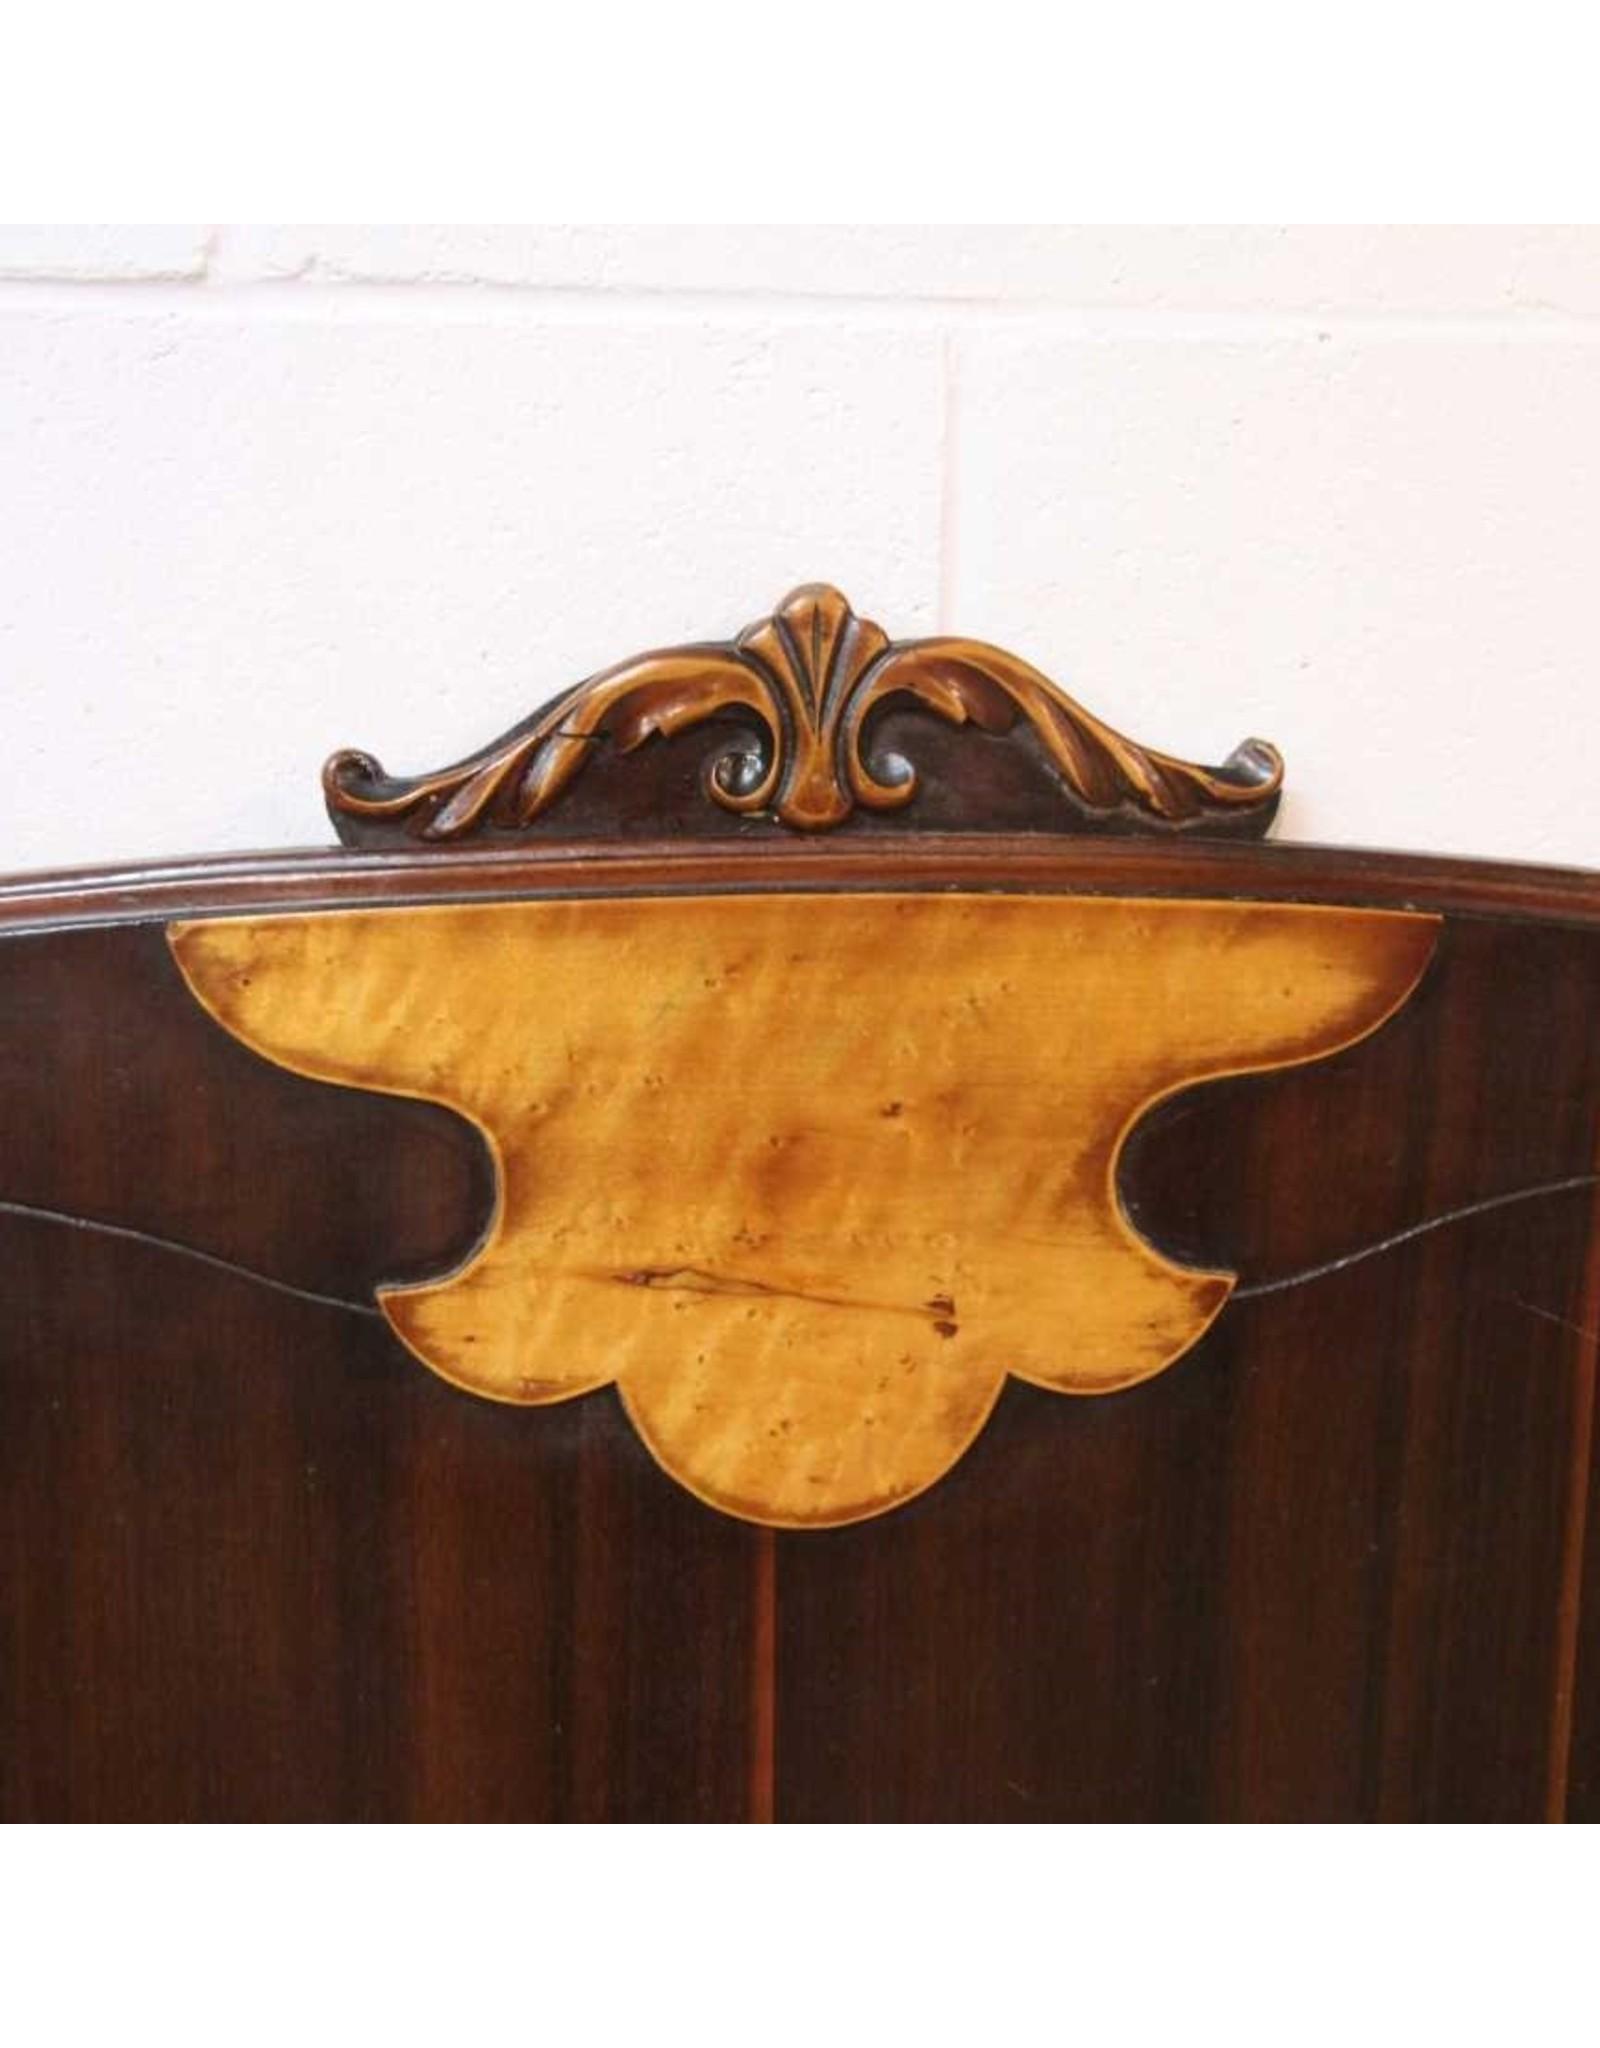 Headboard - forties, birds eye maple burl detail